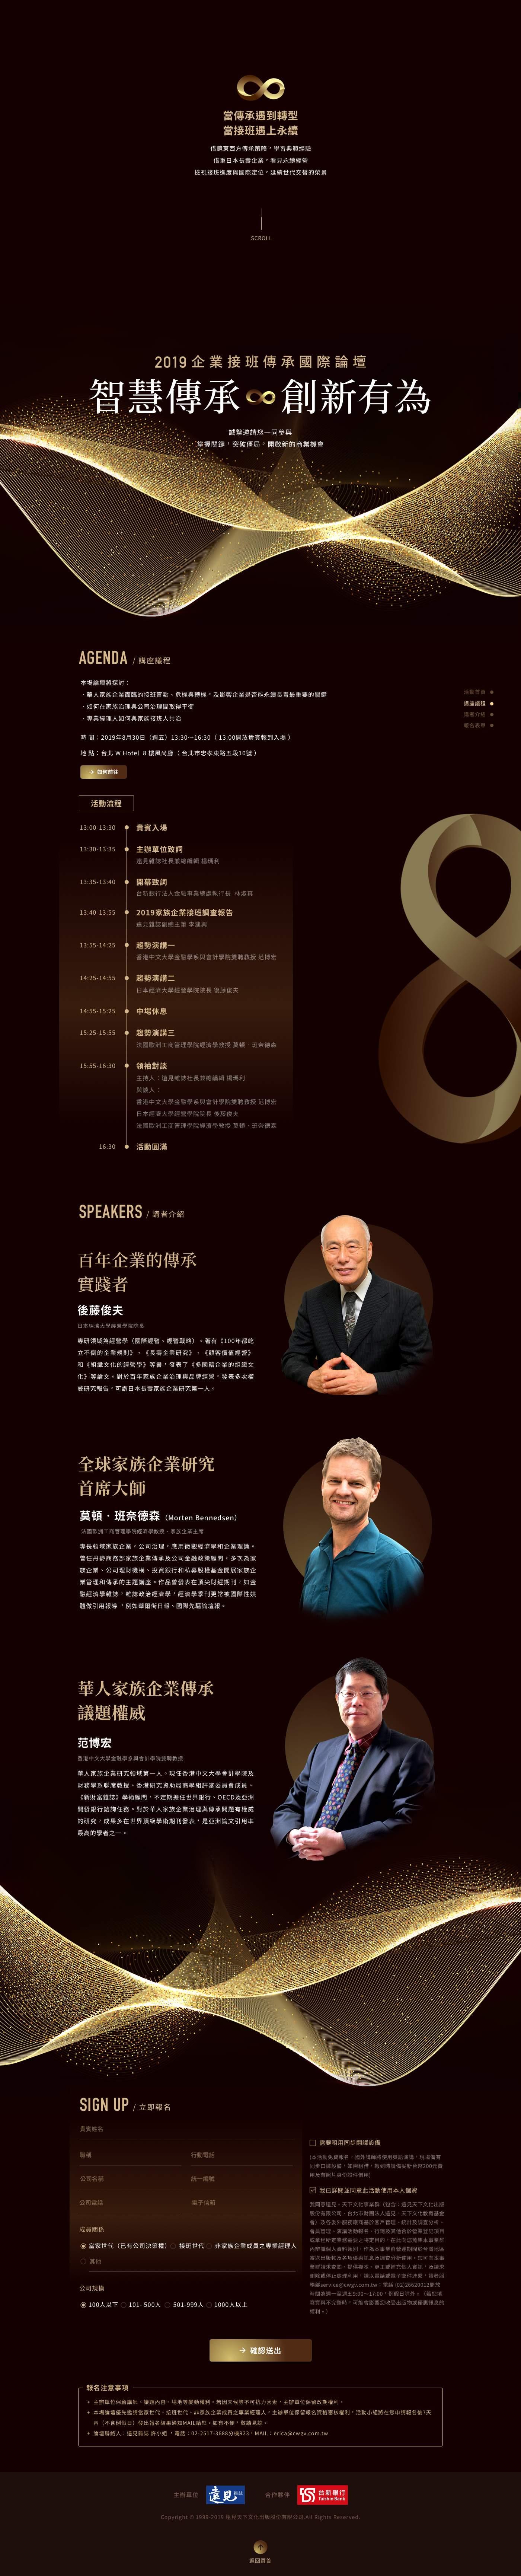 2019遠見企業接班論壇